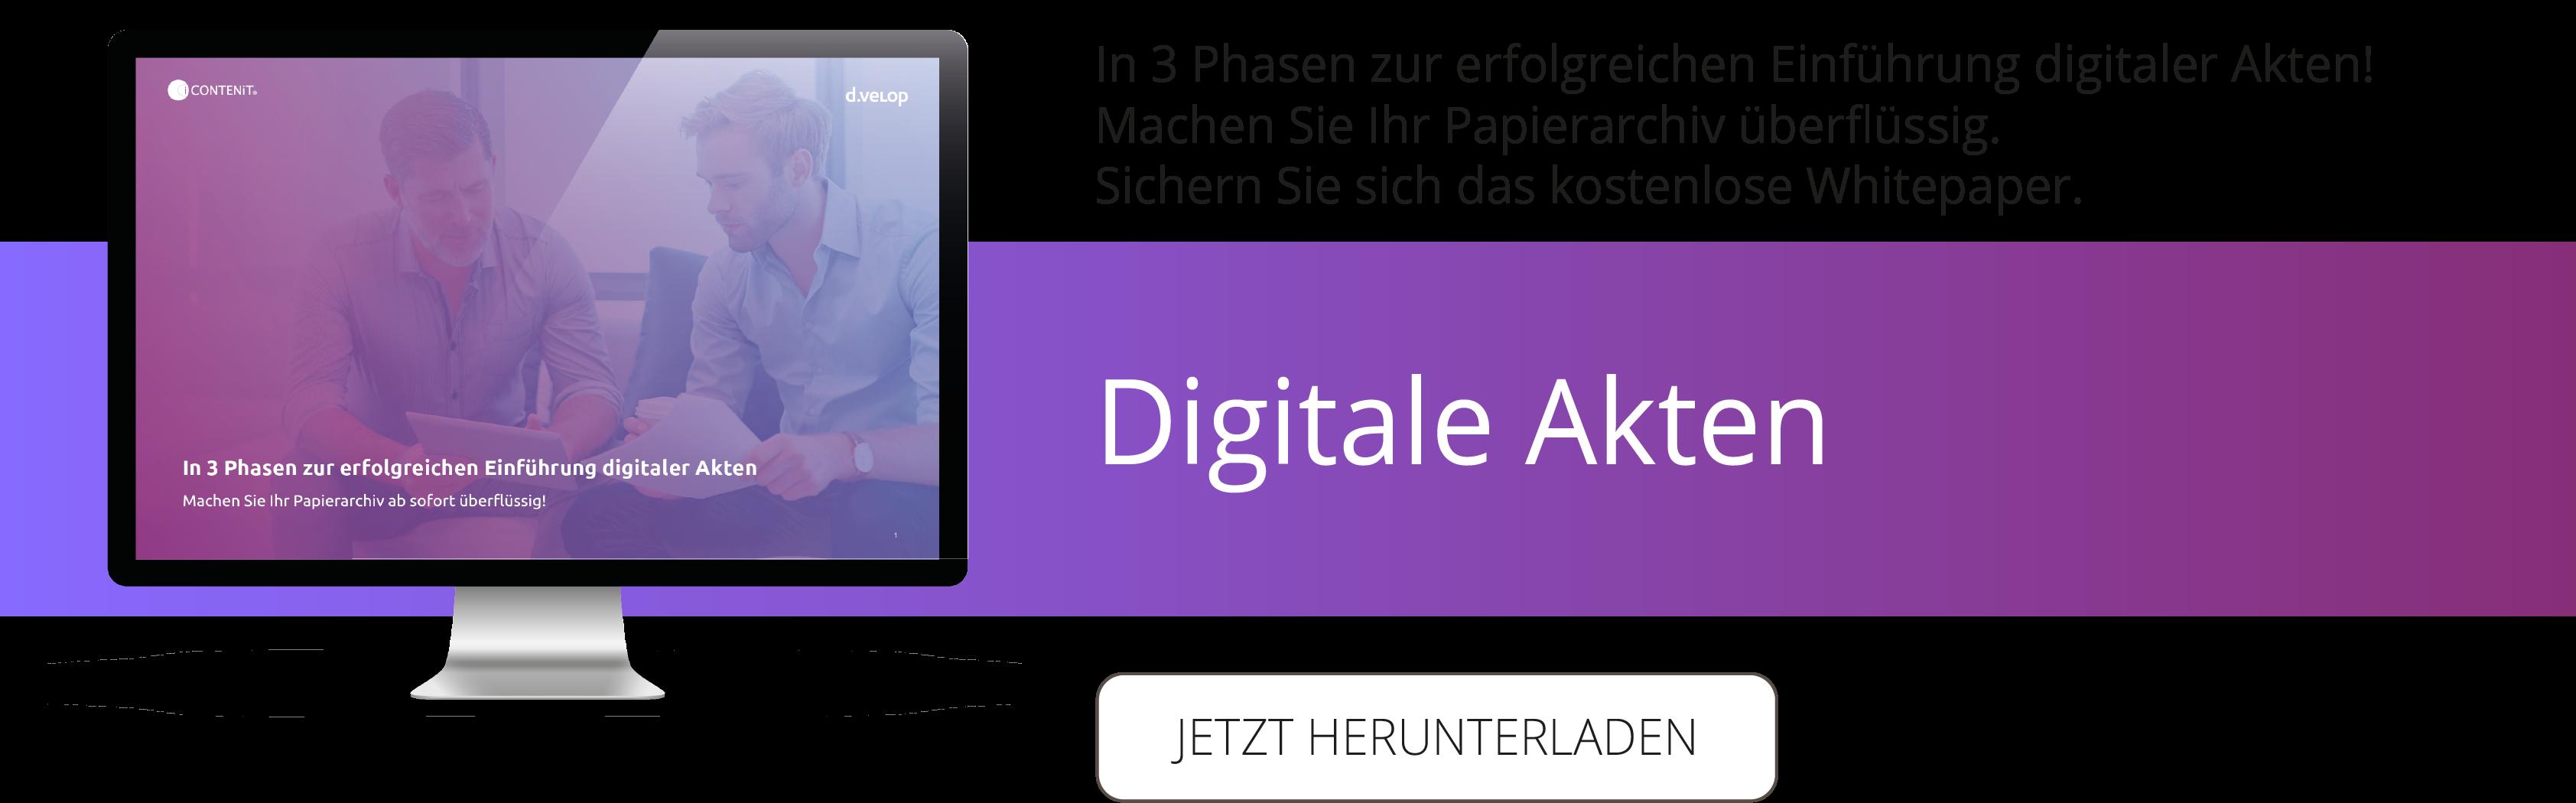 Suchen und Finden in digitalen Akten